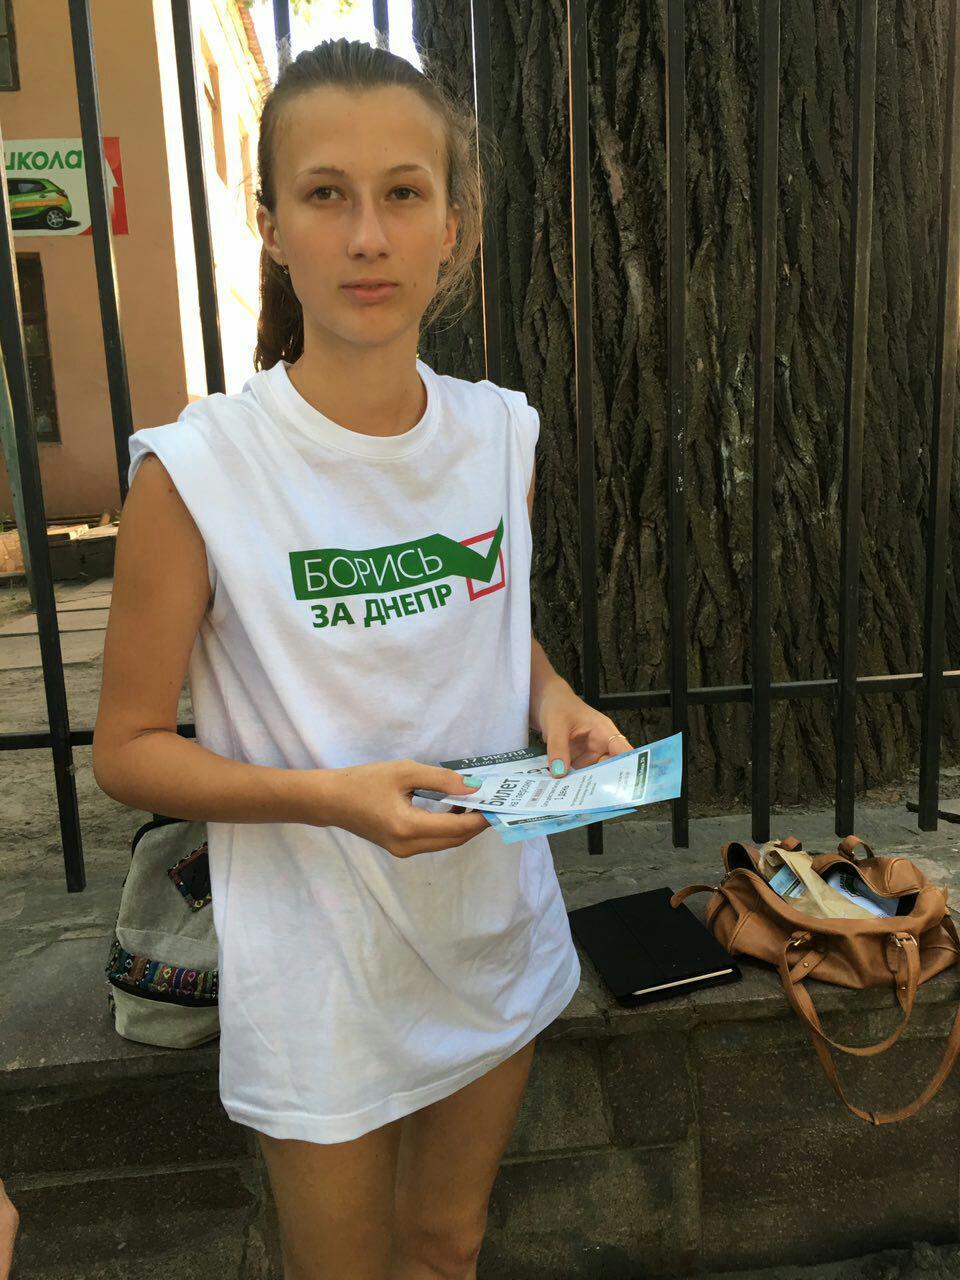 Дети в футболках Борись за Днепр